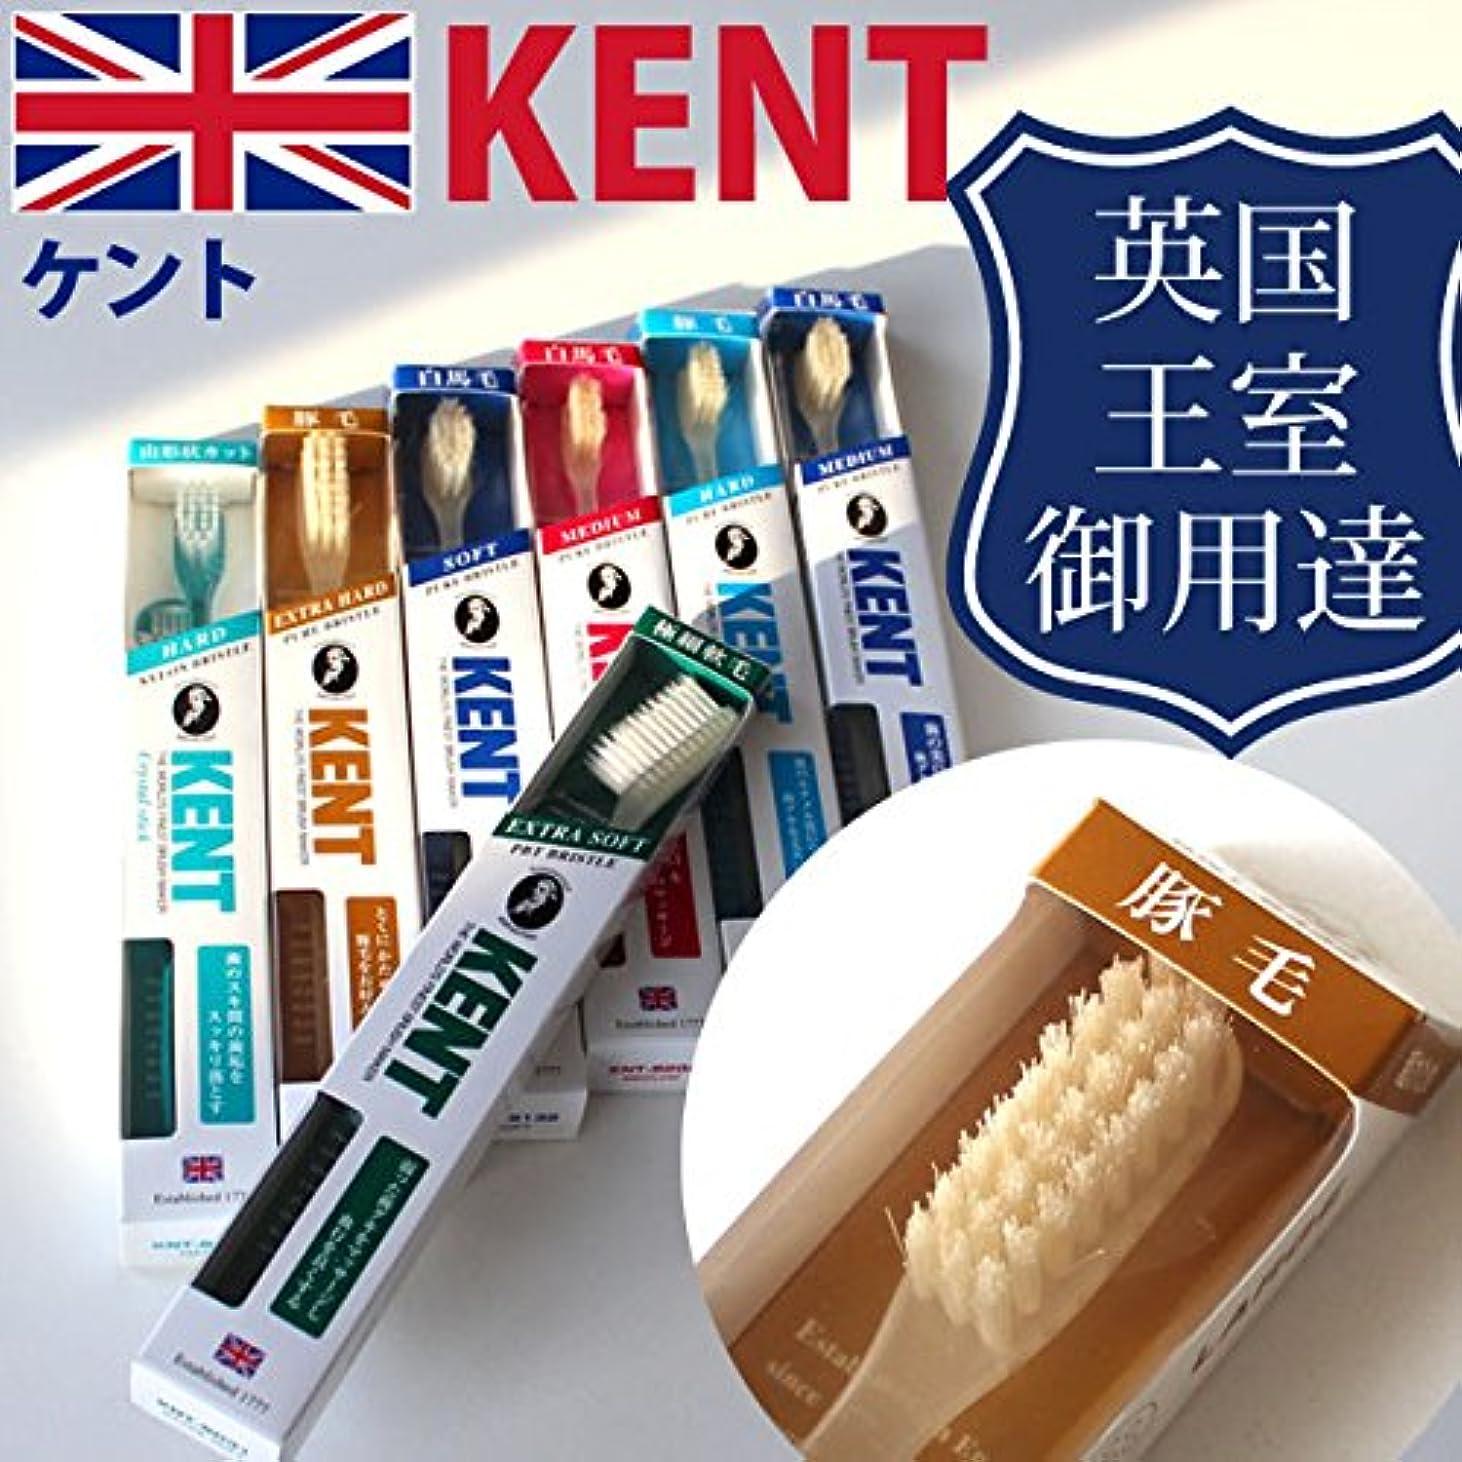 水素姿を消す開発するケント KENT 豚毛 コンパクト 歯ブラシKNT-9233/9833 6本入り 他の天然毛の歯ブラシに比べて細かく磨 ふつう